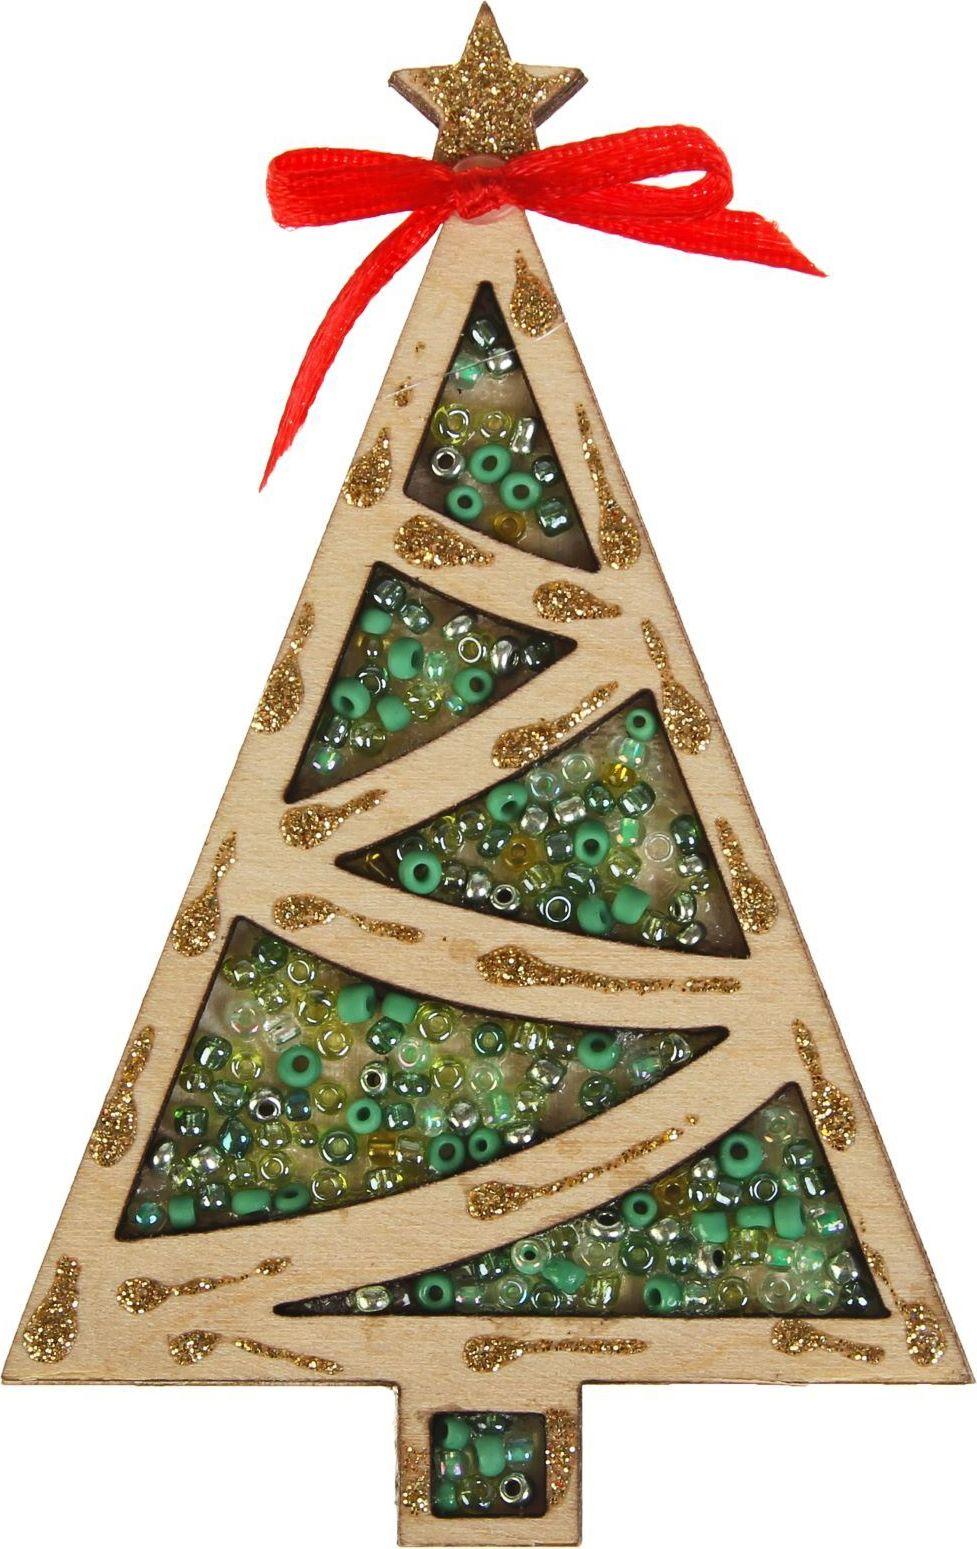 Магнит Канышевы Елочка классика, 6,5 х 10 см2570628Порадуйте родных и близких оригинальным сувениром: преподнесите в подарок магнит. С ним даже самый серьёзный человек почувствует себя ребёнком, ожидающим чудо! Создайте праздничное настроение, и оно останется с вами на весь год.